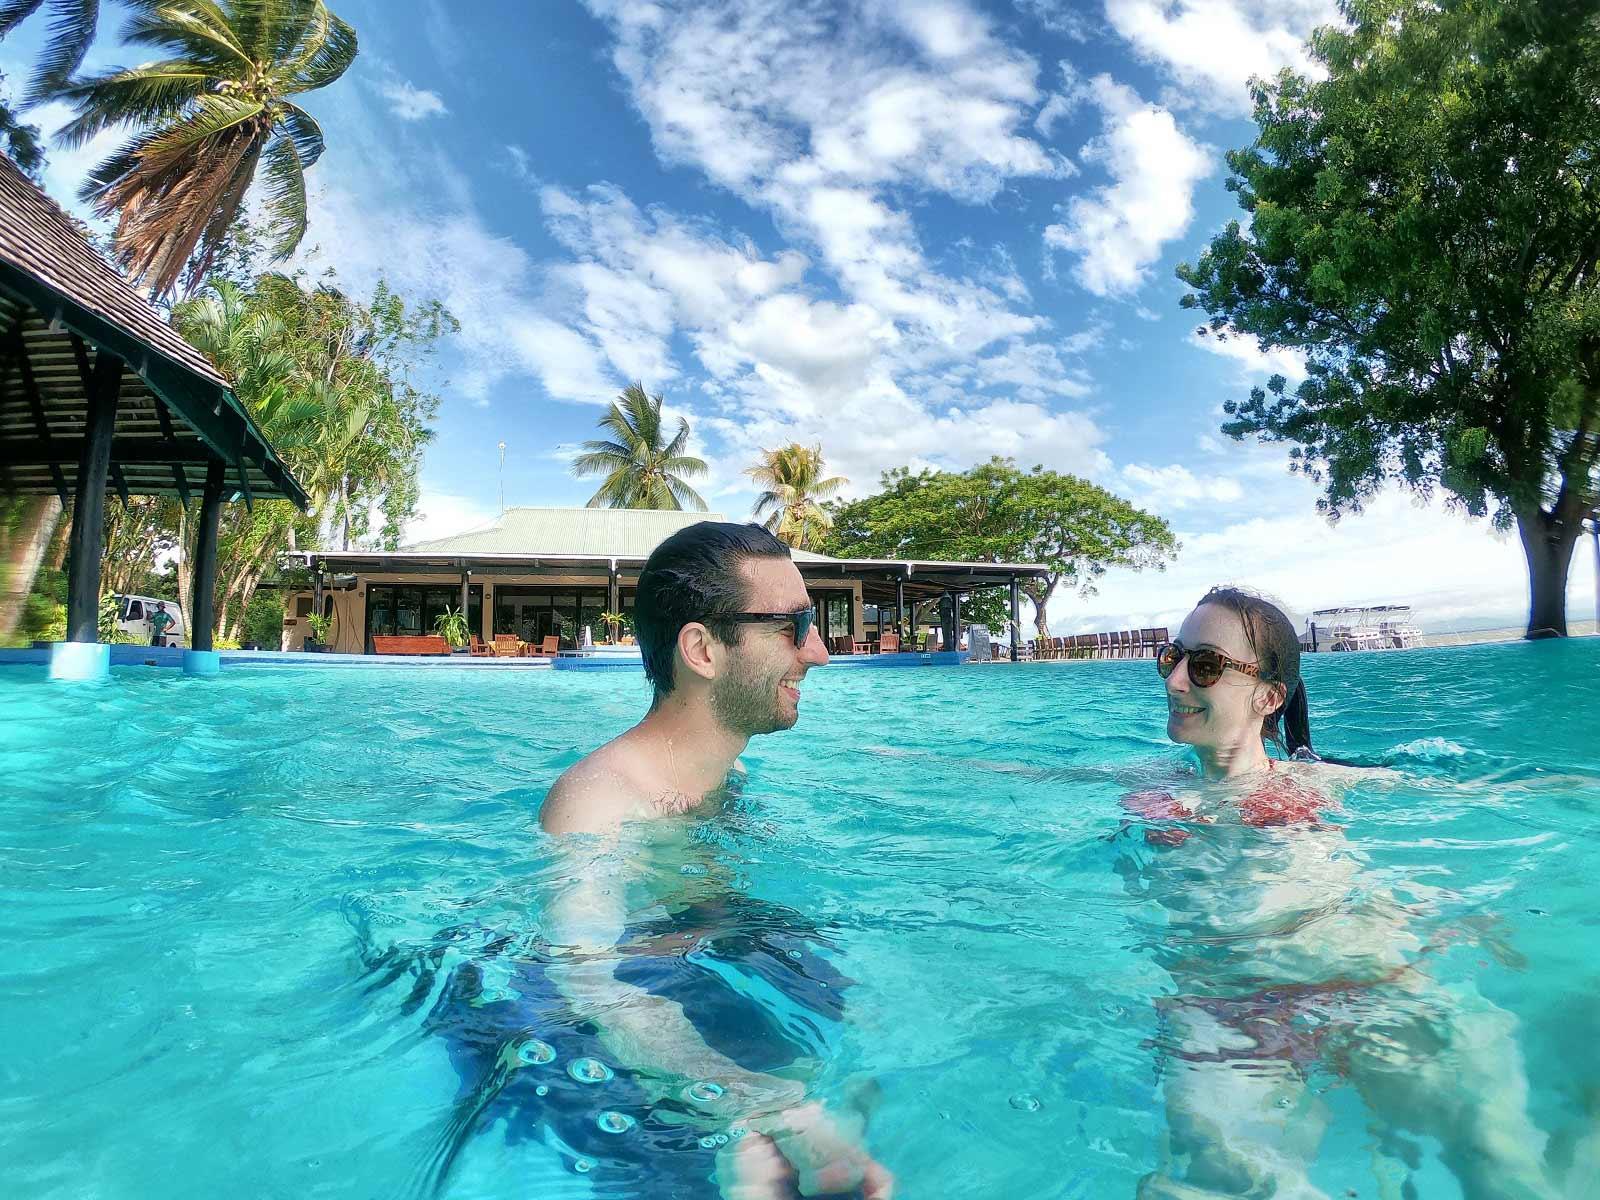 3 days in fiji